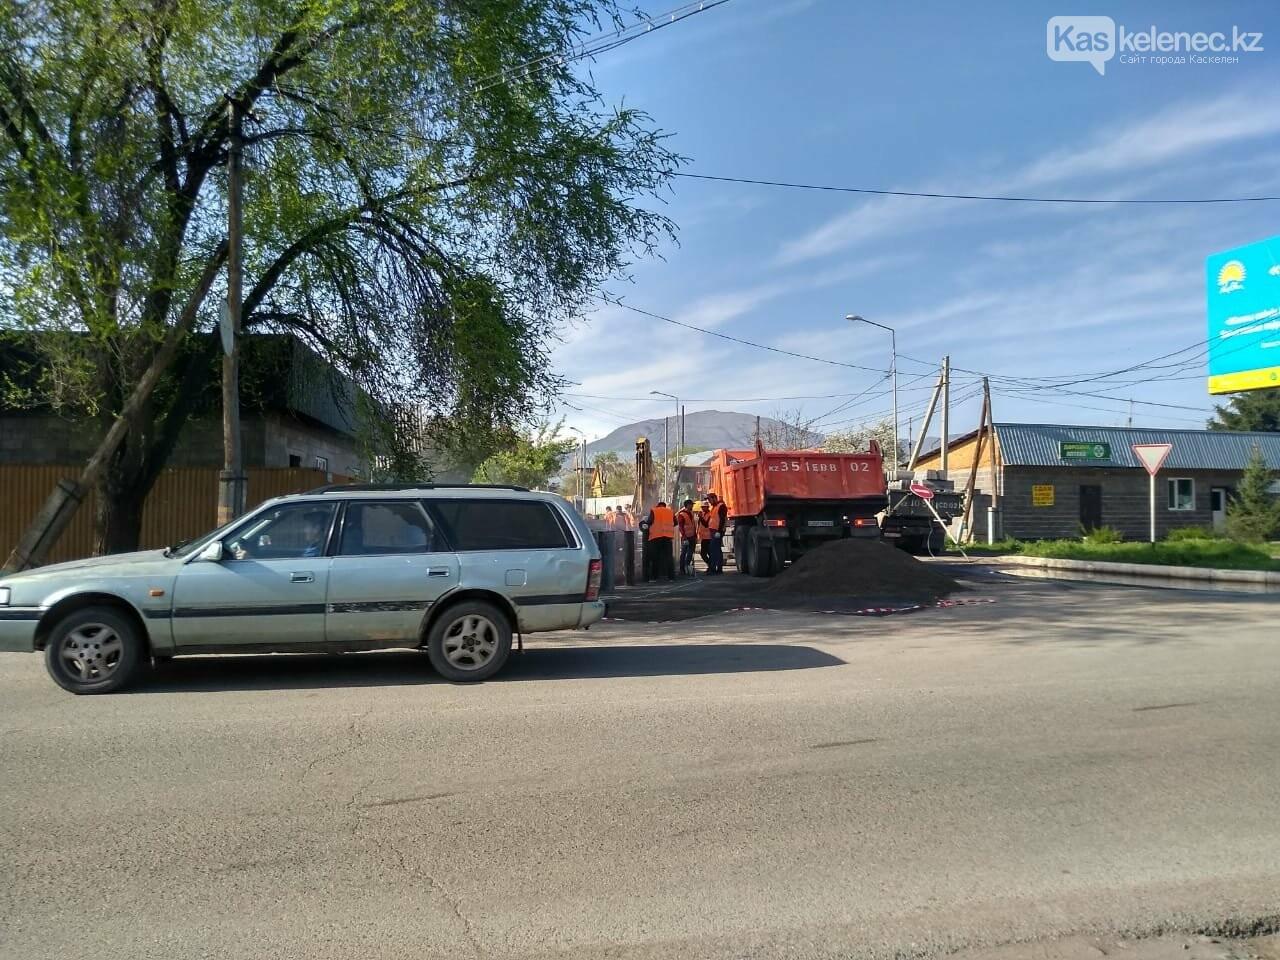 Одну из центральных улиц Каскелена перекрыли на несколько месяцев, фото-4